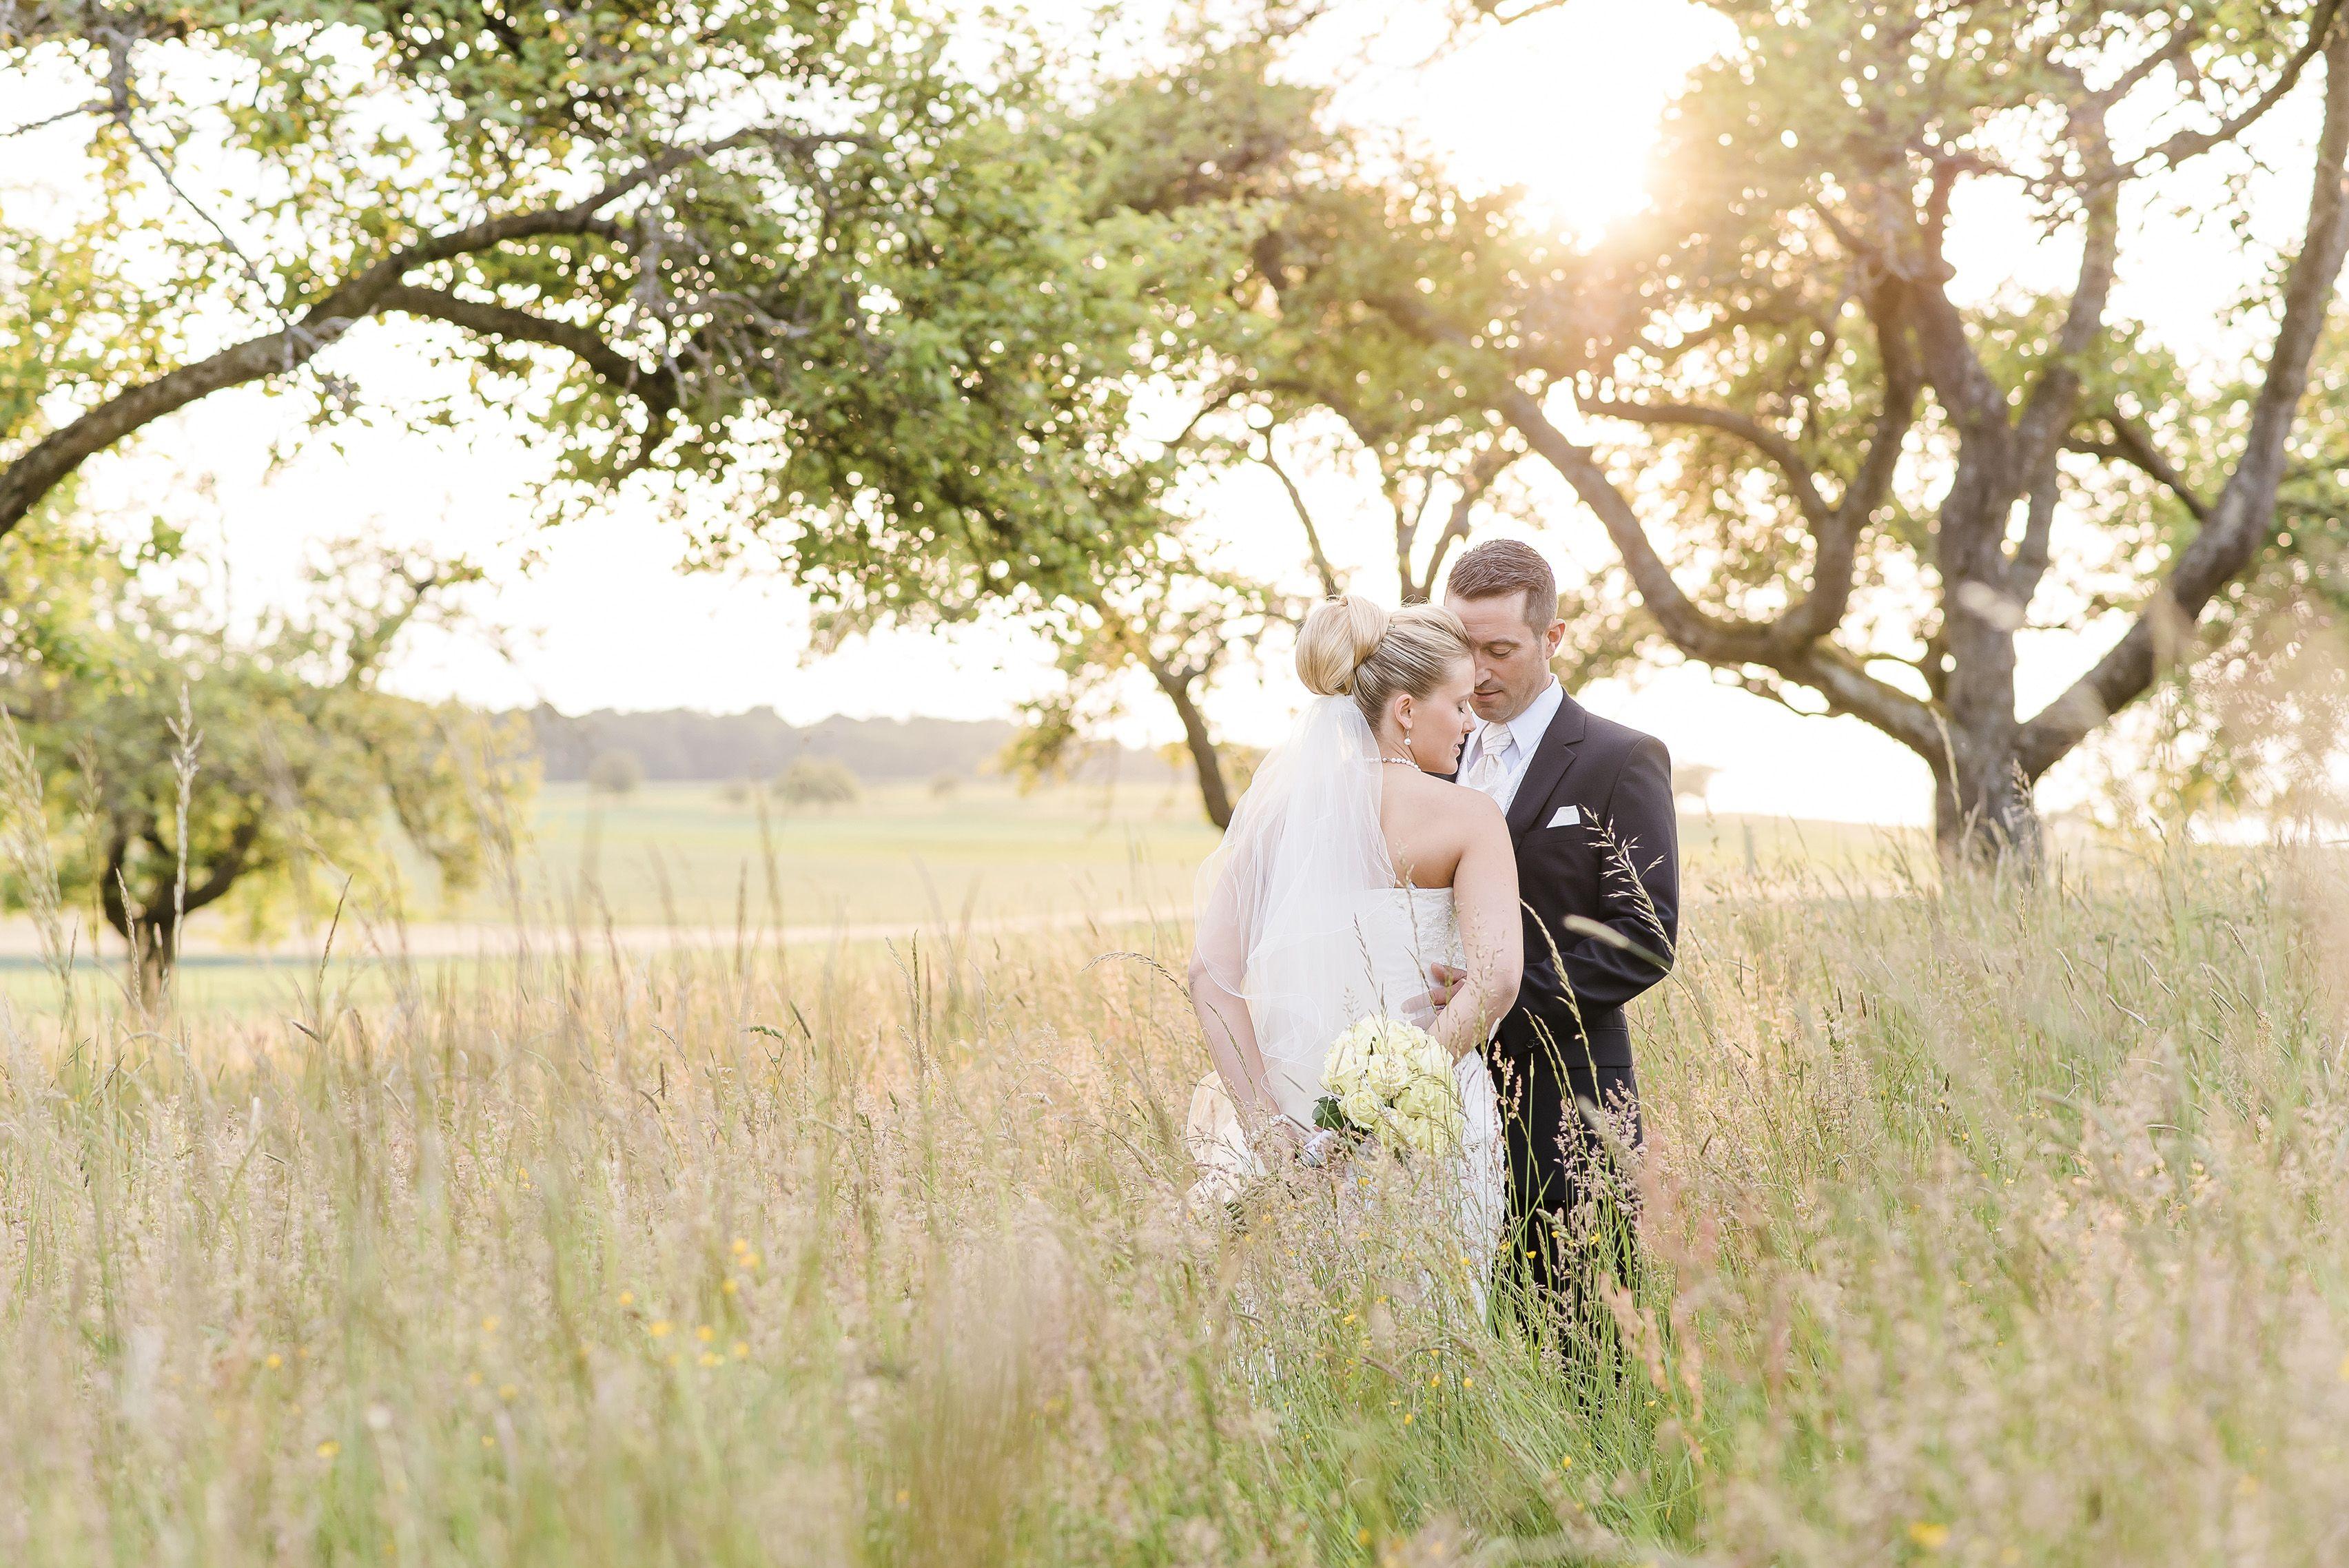 Hochzeitsfotografie Hochzeitsfotograf Tom River Photography Hochzeitsfotografie Hochzeitsfotograf Und Fotografie